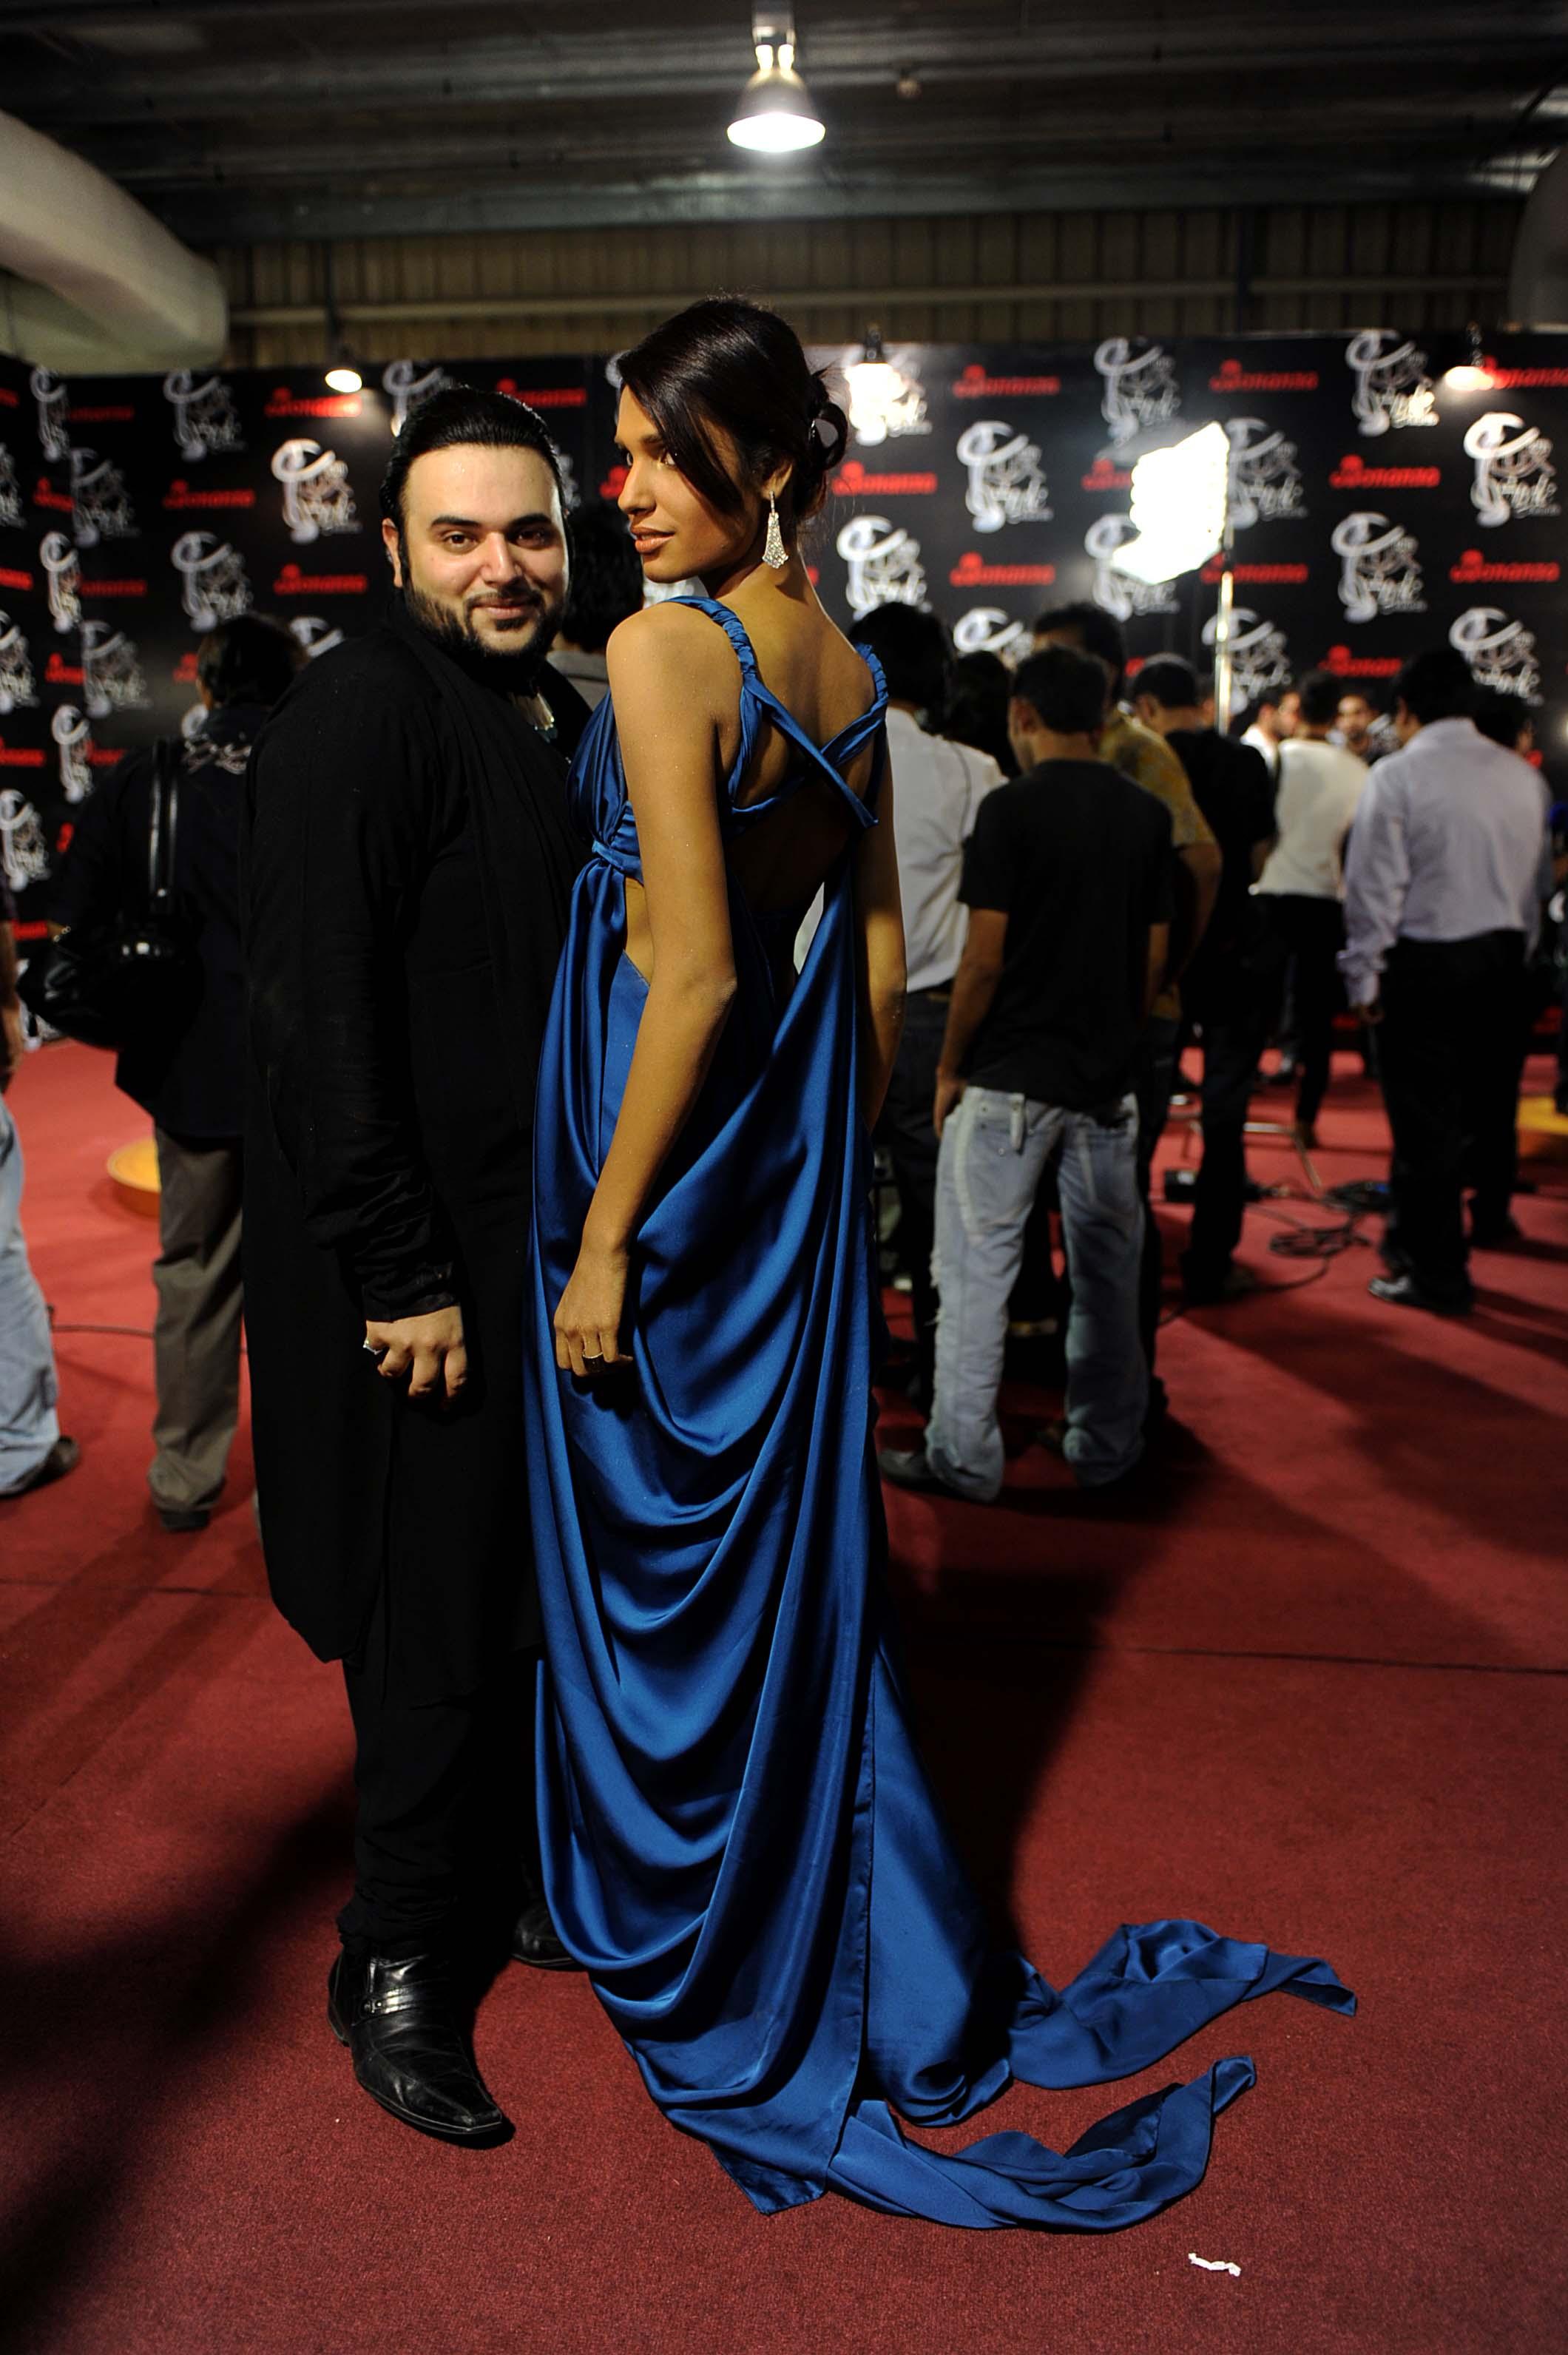 Fahad Husaina and amna ilyas (2)